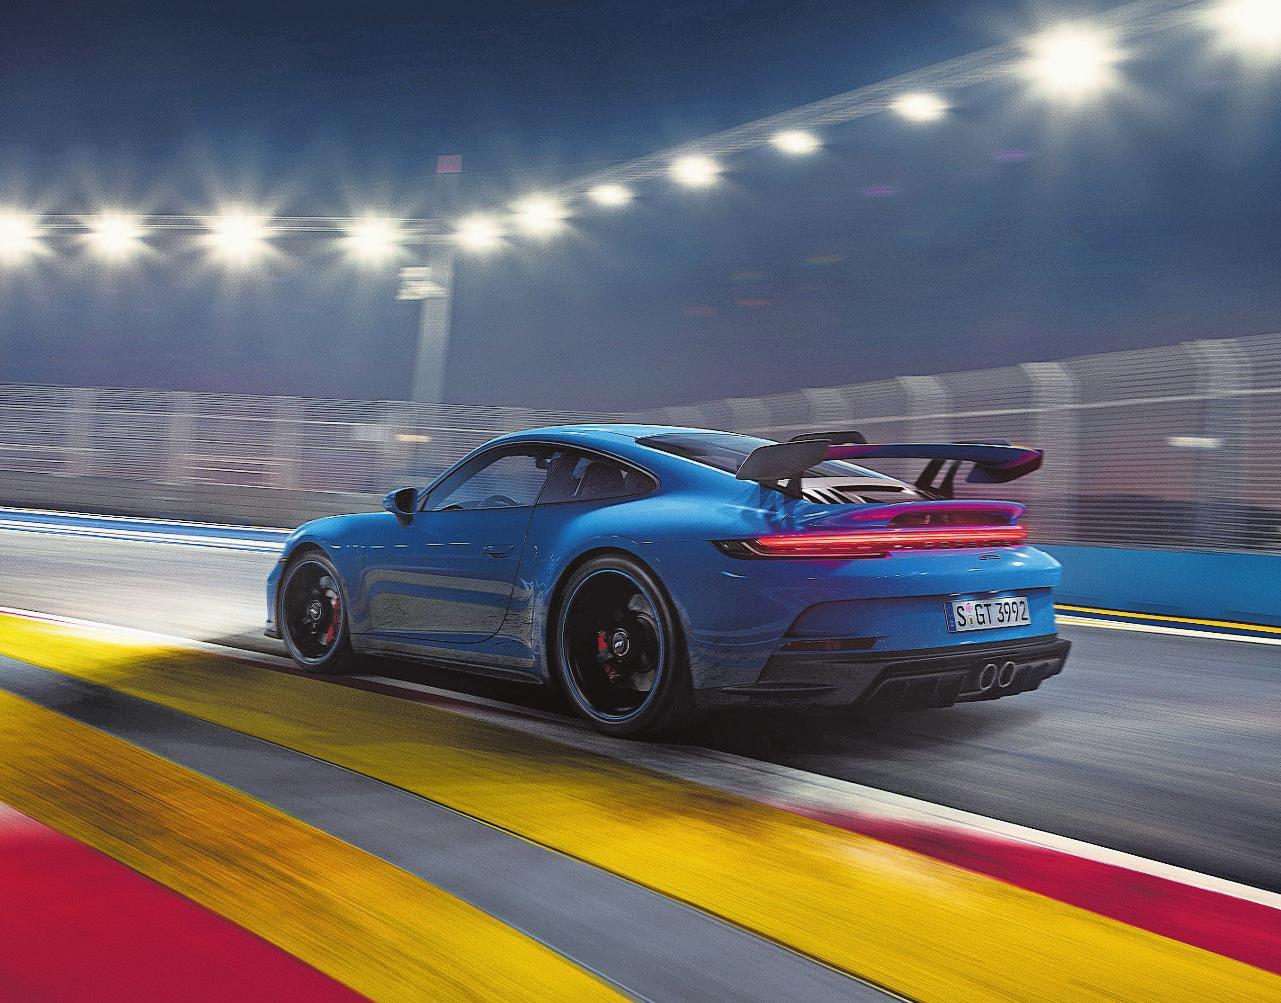 Seltenheit: der Porsche 911 GT3 (ab Mai) mit 4-Liter-Saugmotor (510 PS) und auf Wunsch mit 6-Gang-Schaltgetriebe. Ab 205 500 Franken!